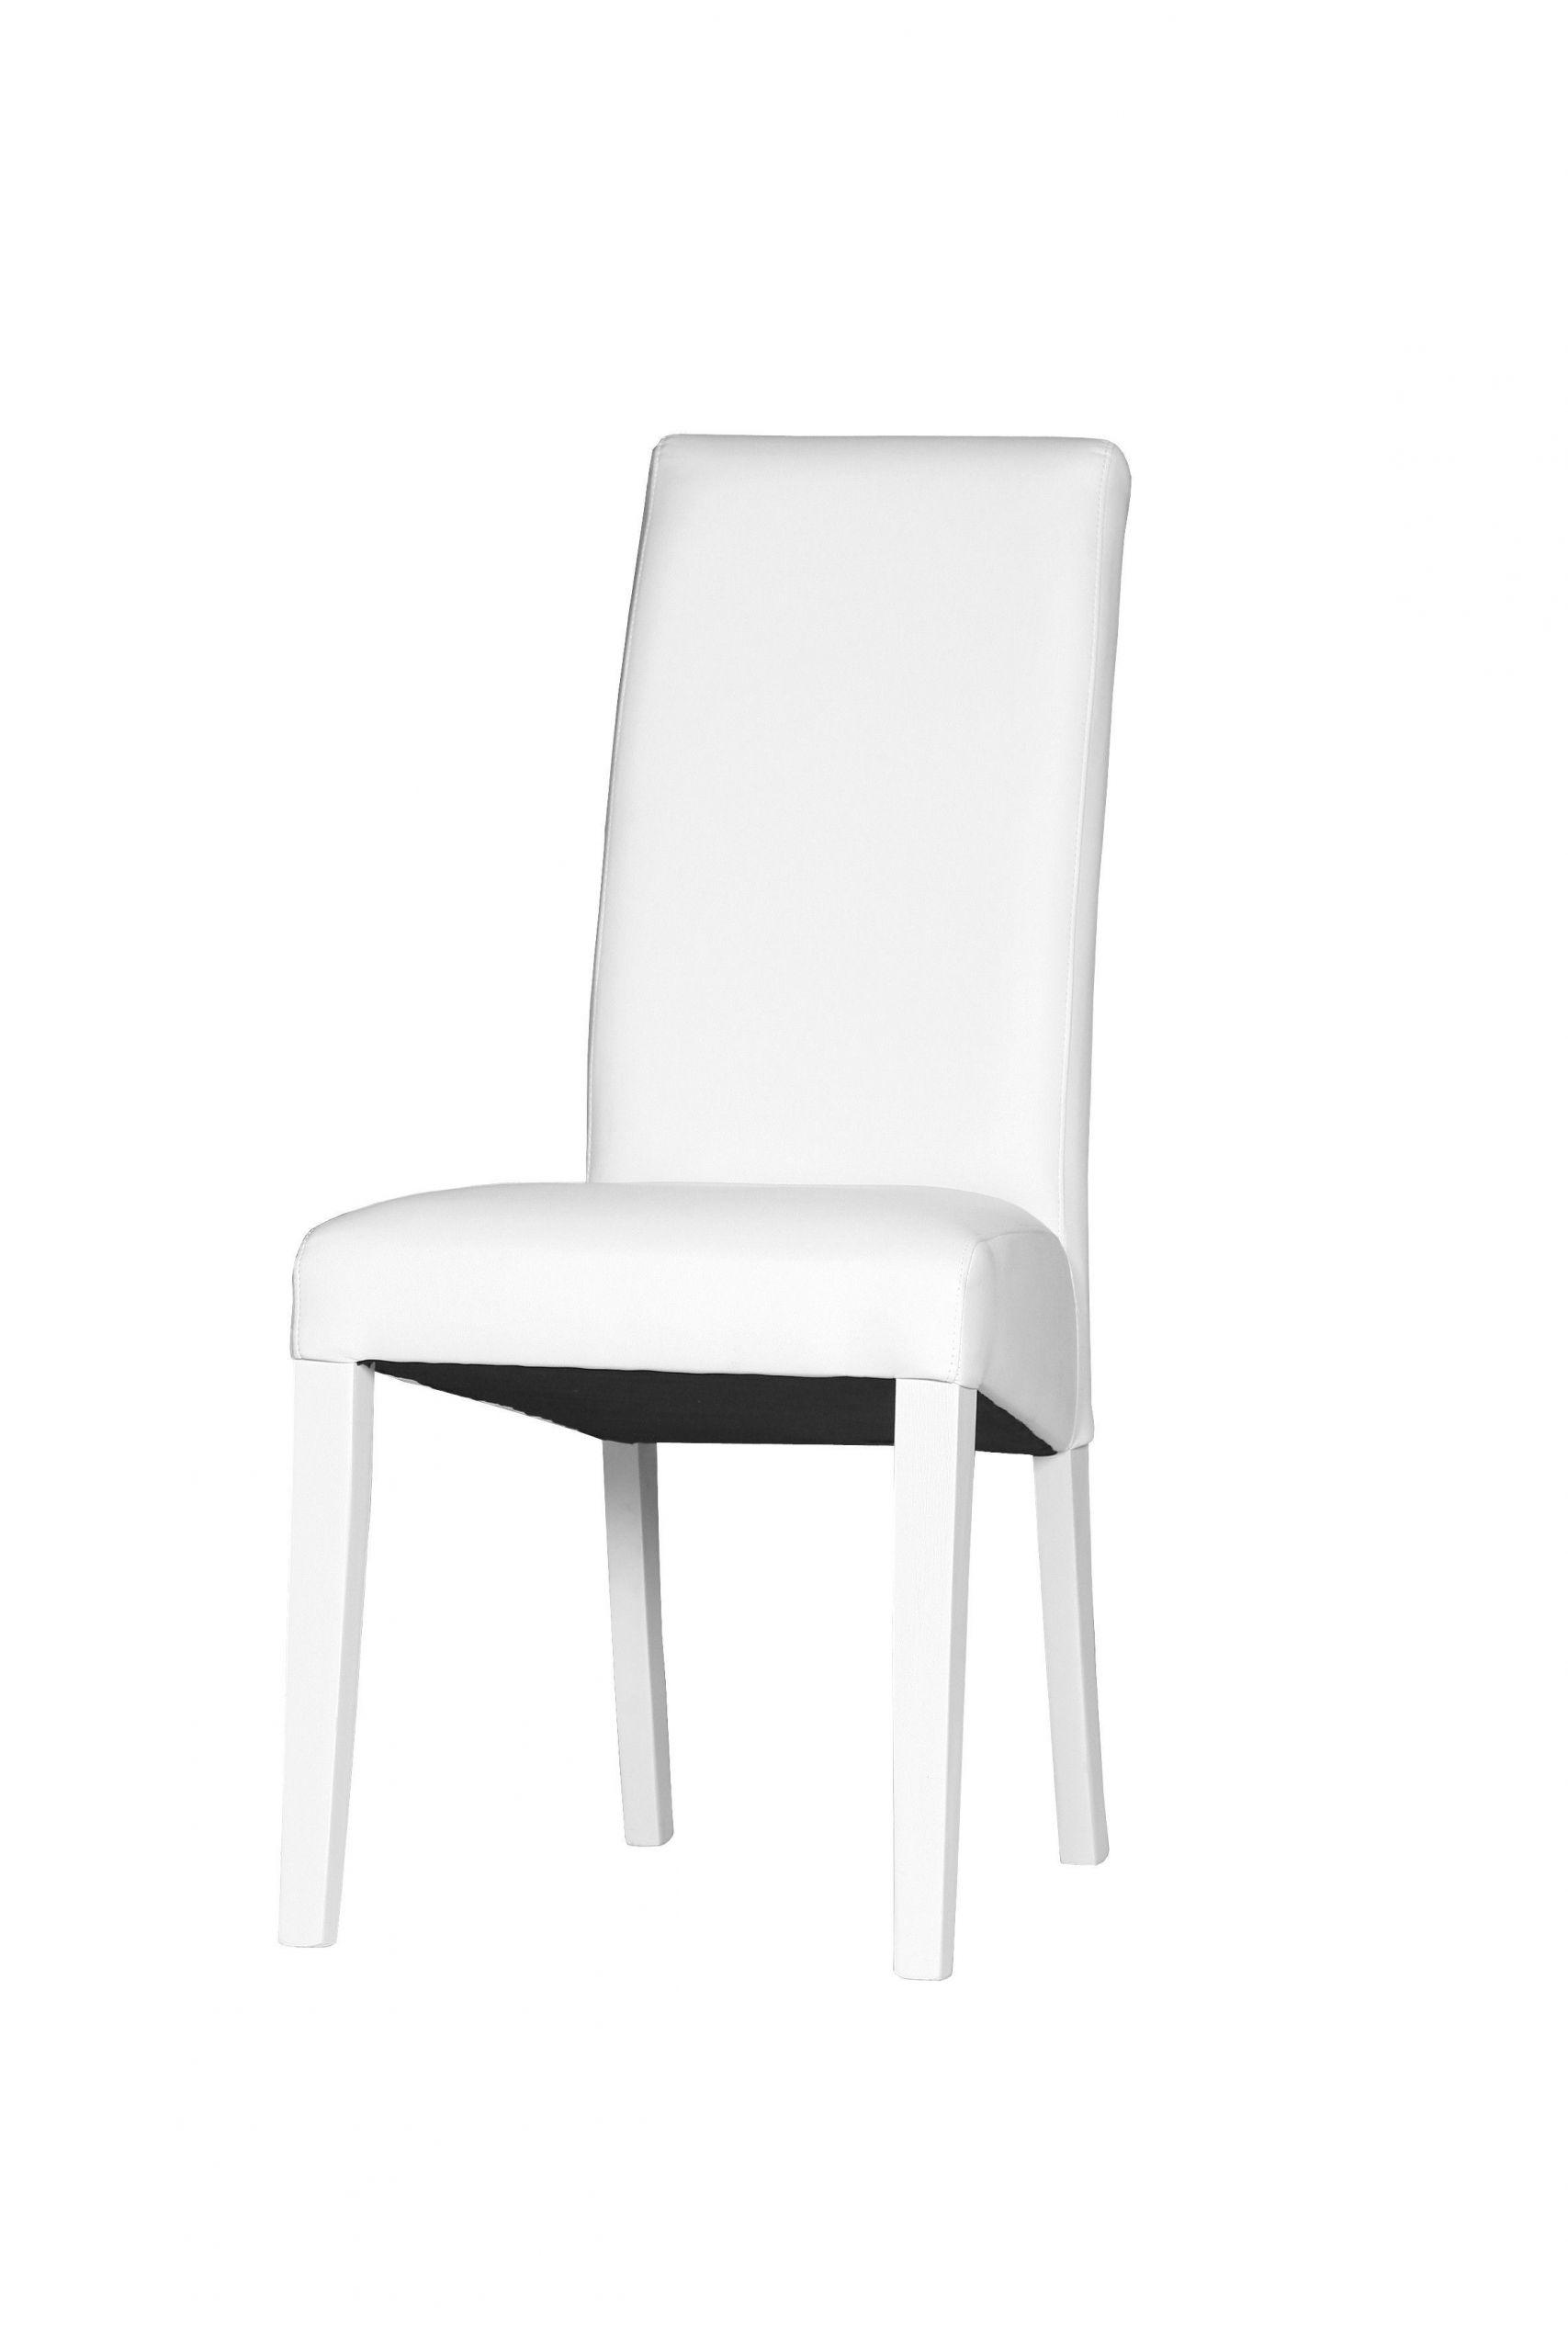 meuble de salon pas cher meuble pas cher conforama armoire de salon meilleur conforama meuble of meuble de salon pas cher